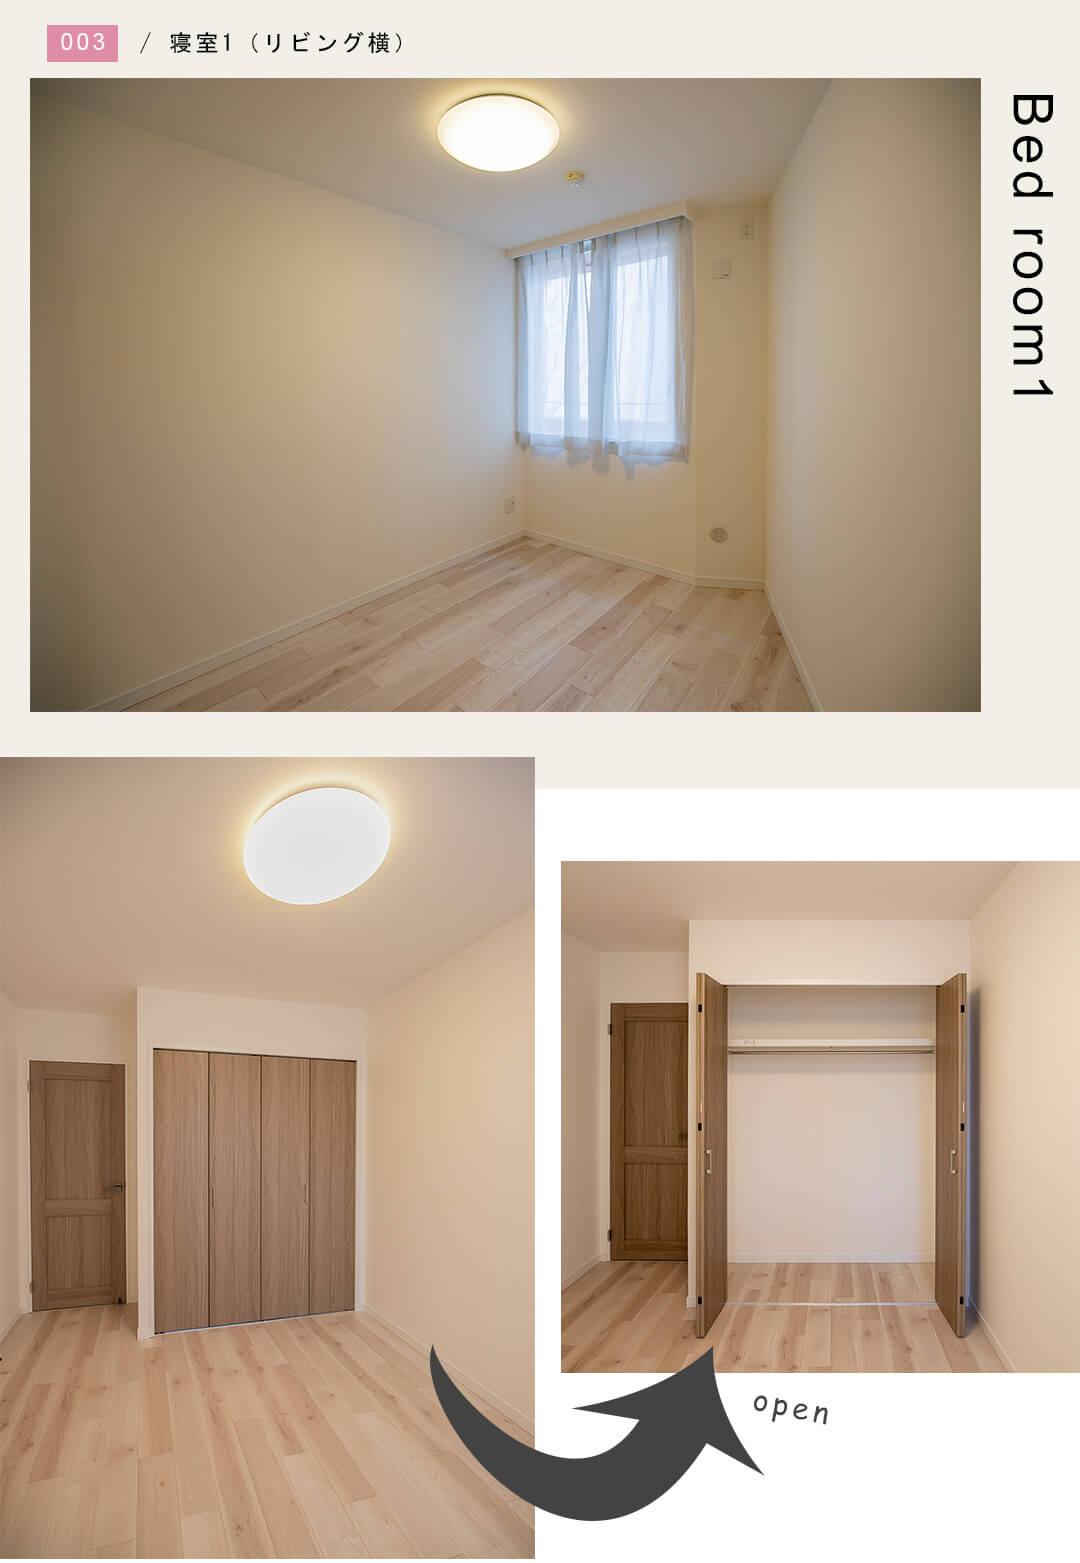 パレ・プラス経堂の寝室